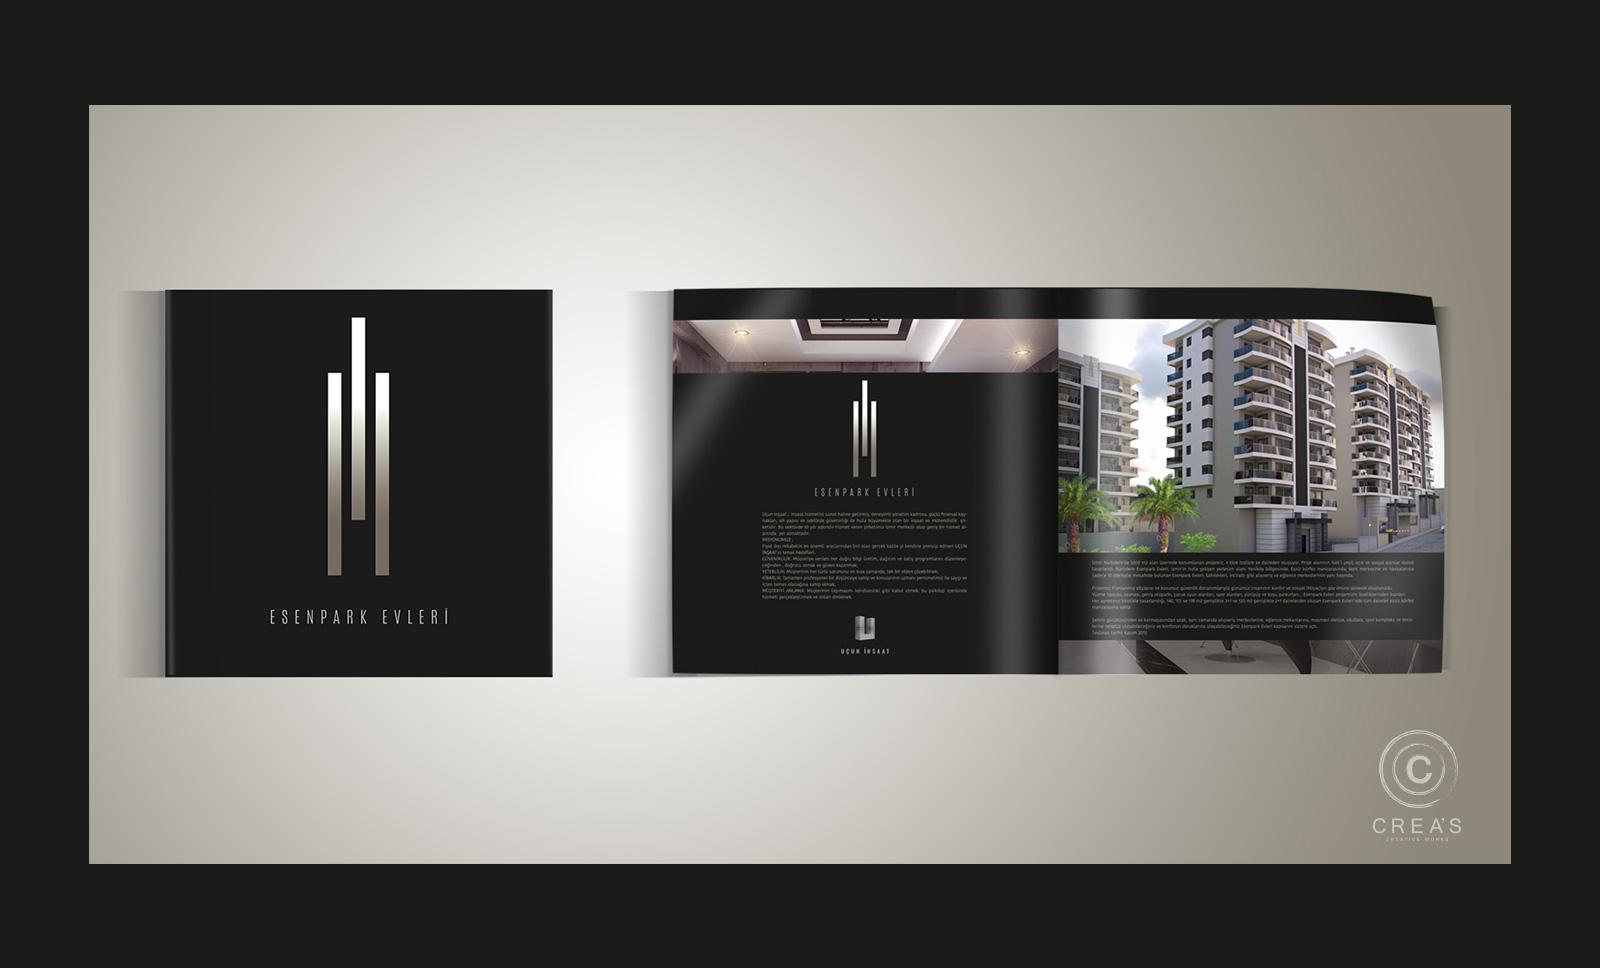 Creas Creative Tasarım ve Reklam Ajansı İzmir - Esenpark Evleri Katalog Tasarımı